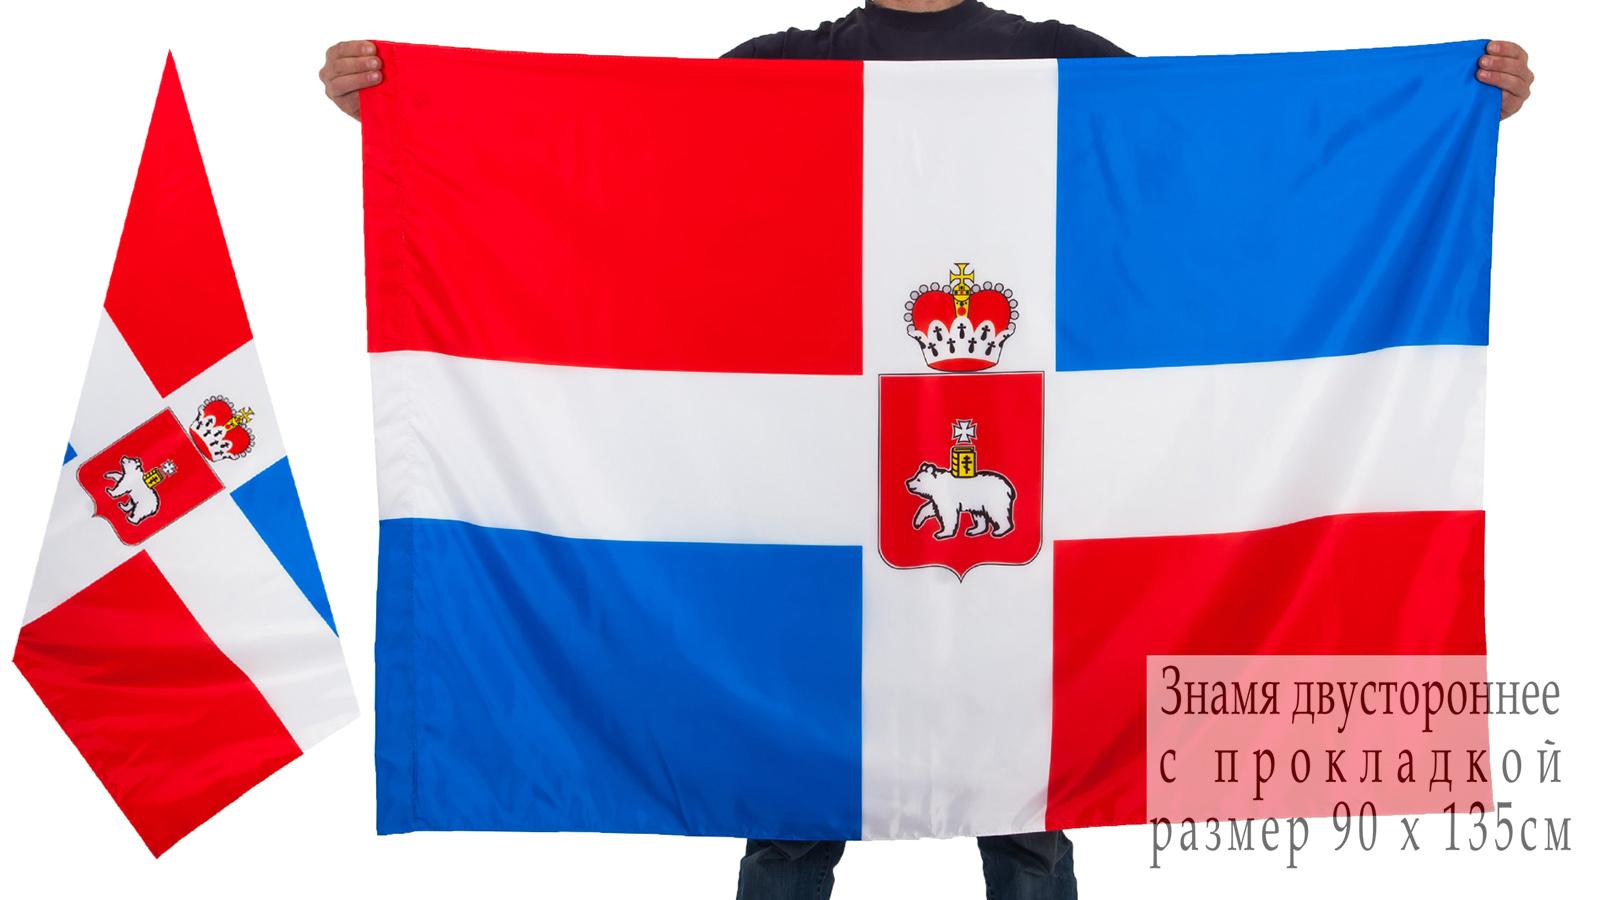 Двухсторонний флаг Пермского края